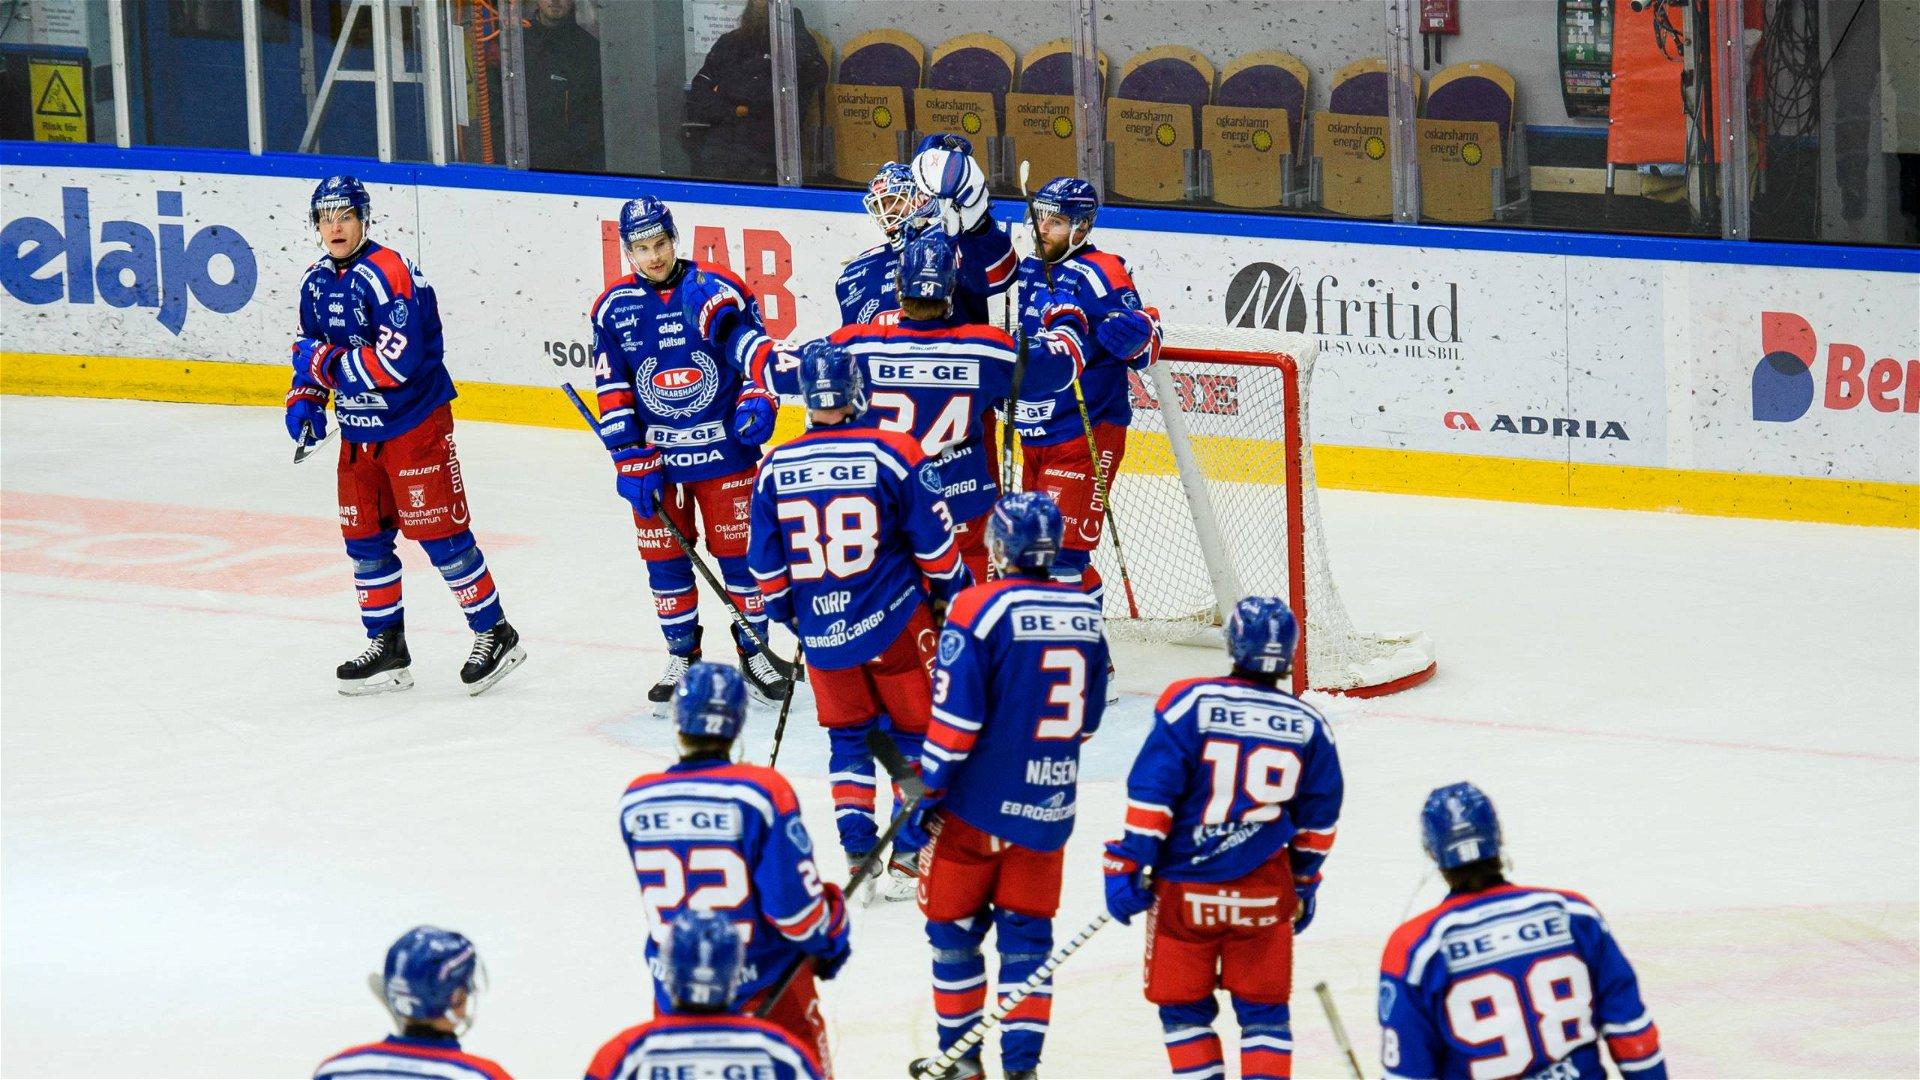 Oskarshamnspelarna firar efter matchen mot Brynäs.